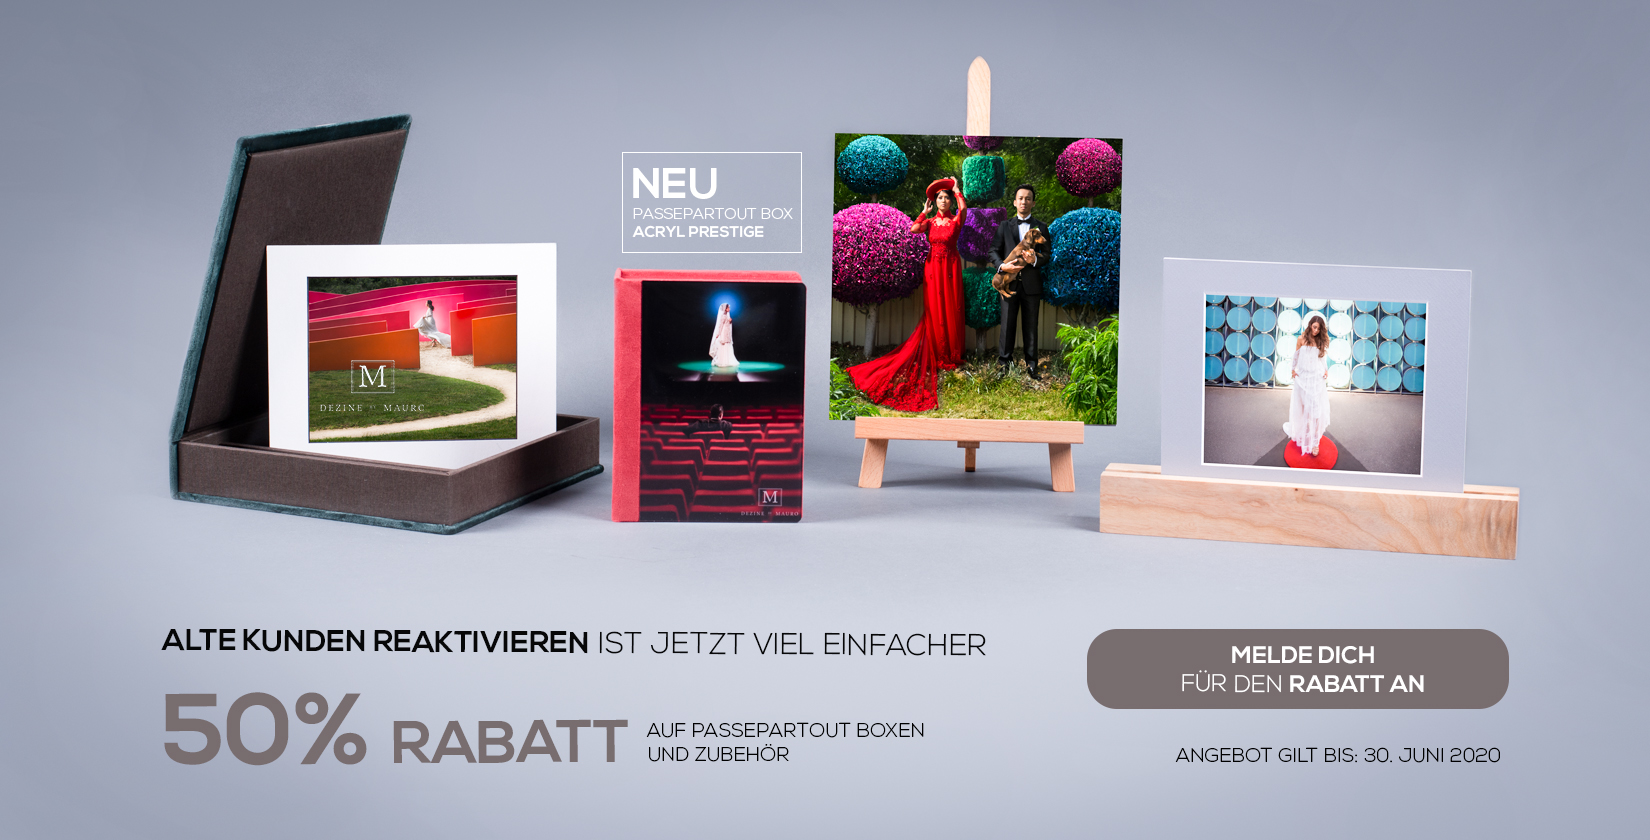 NEU: Passeparrour Box in der Acryl Prestige Kollektion mit 50% RABATT